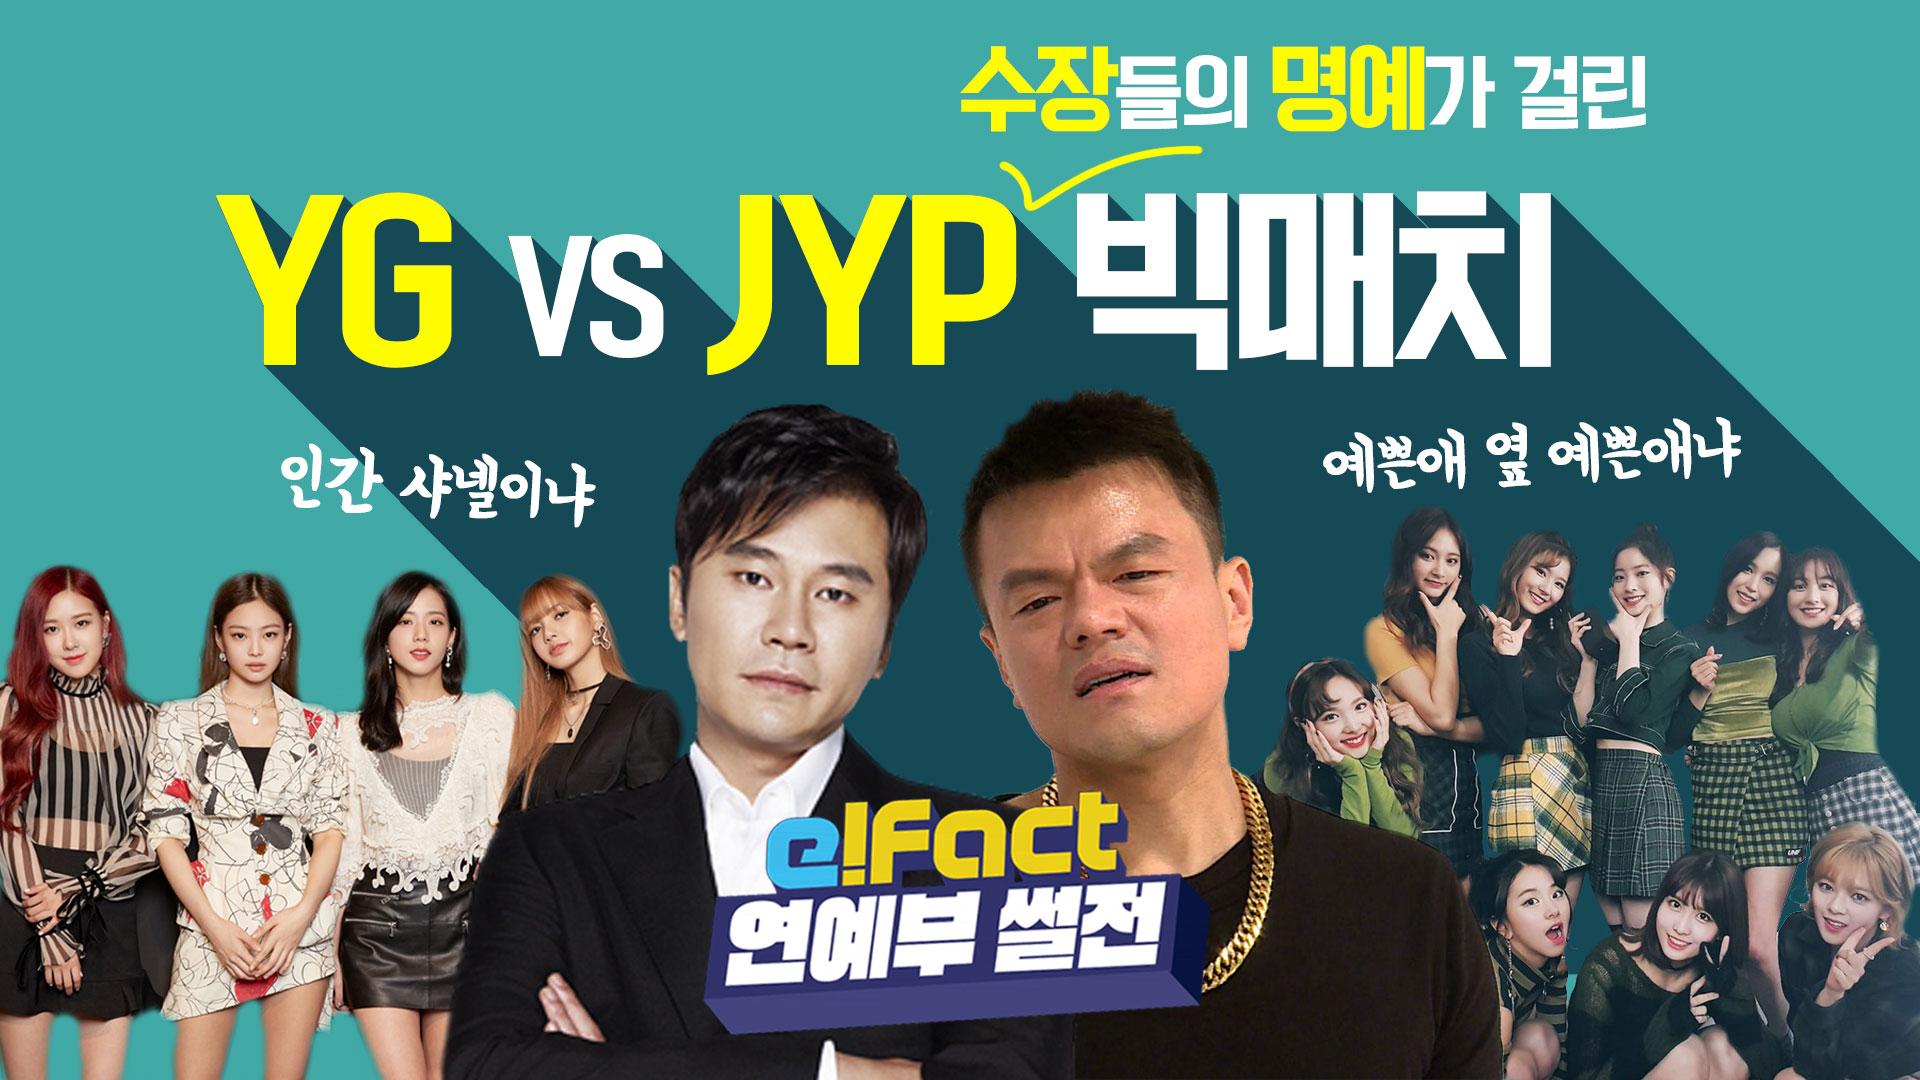 [연예부 썰전] YG vs JYP 수장들의 명예가 걸린 빅매치  인간샤넬이냐, 예쁜애 옆 예쁜애냐